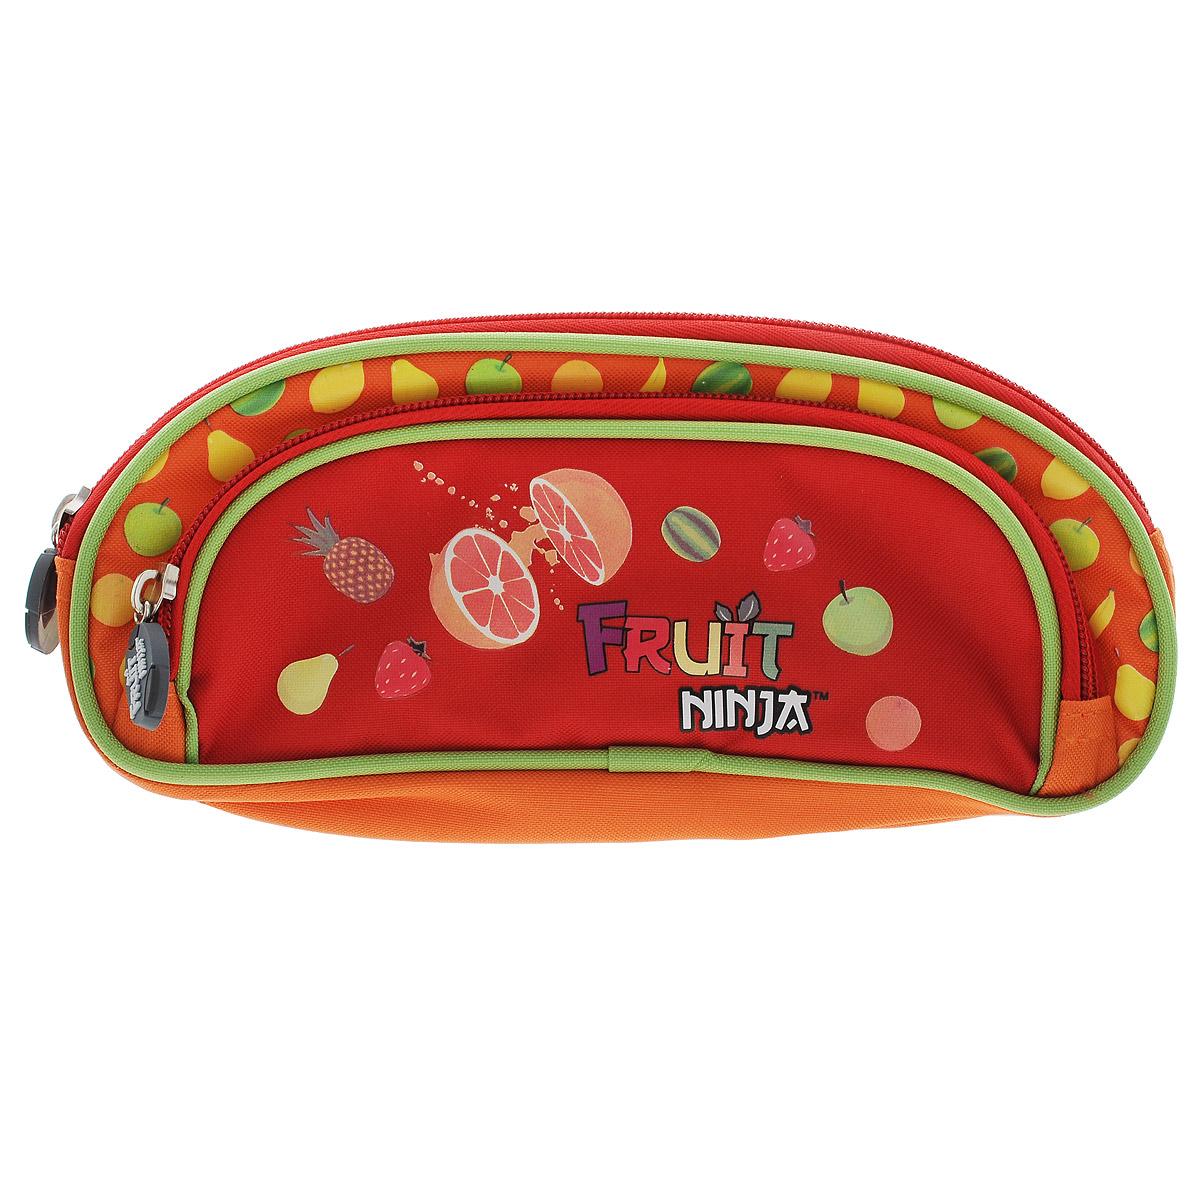 Фото - Пенал Action! Fruit Ninja, цвет: оранжевый канцелярия action подкладка на стол fruit ninja